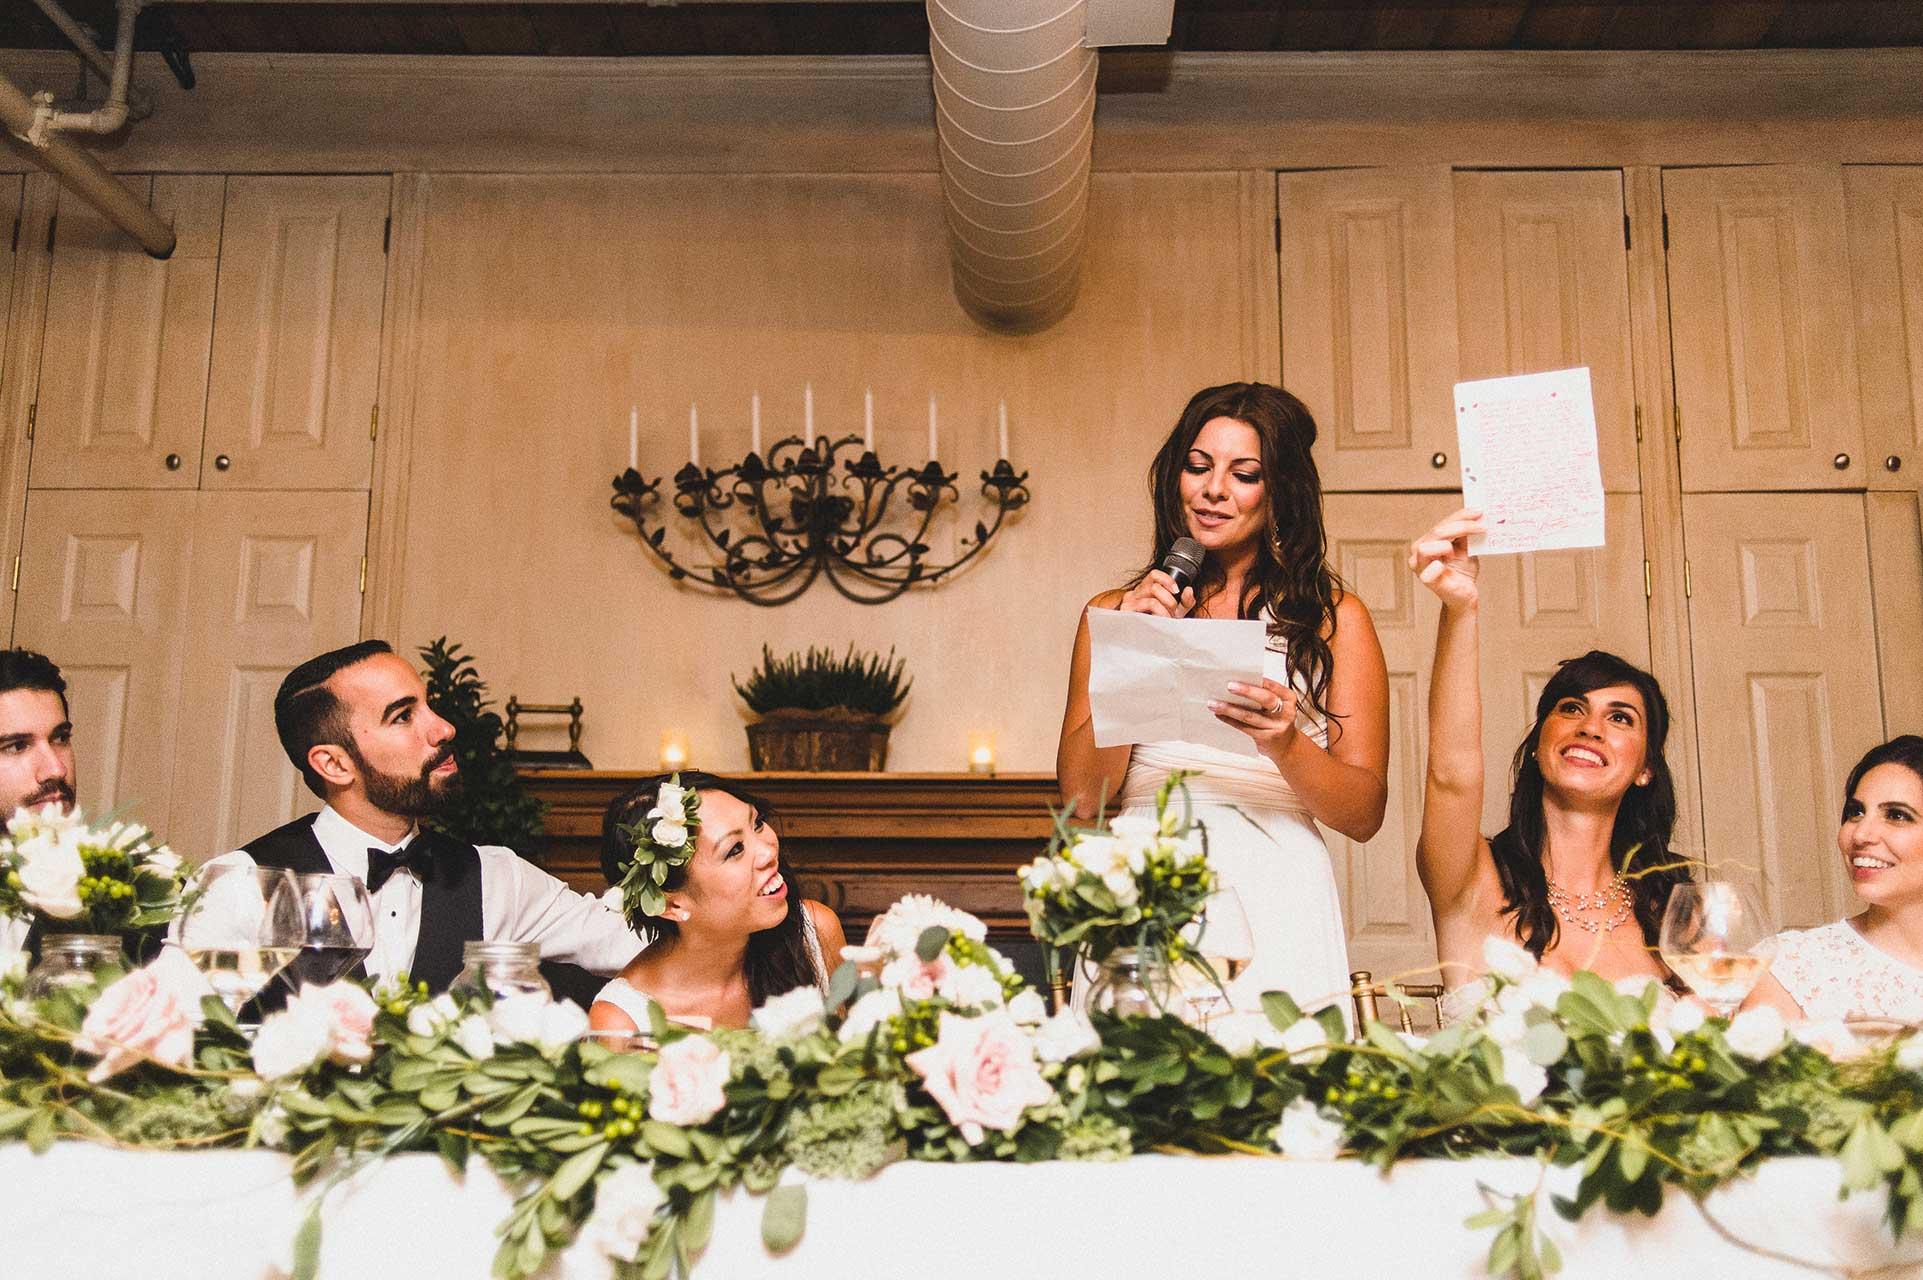 Unique Wedding Venues Toronto - Wedding Reception - Head Table